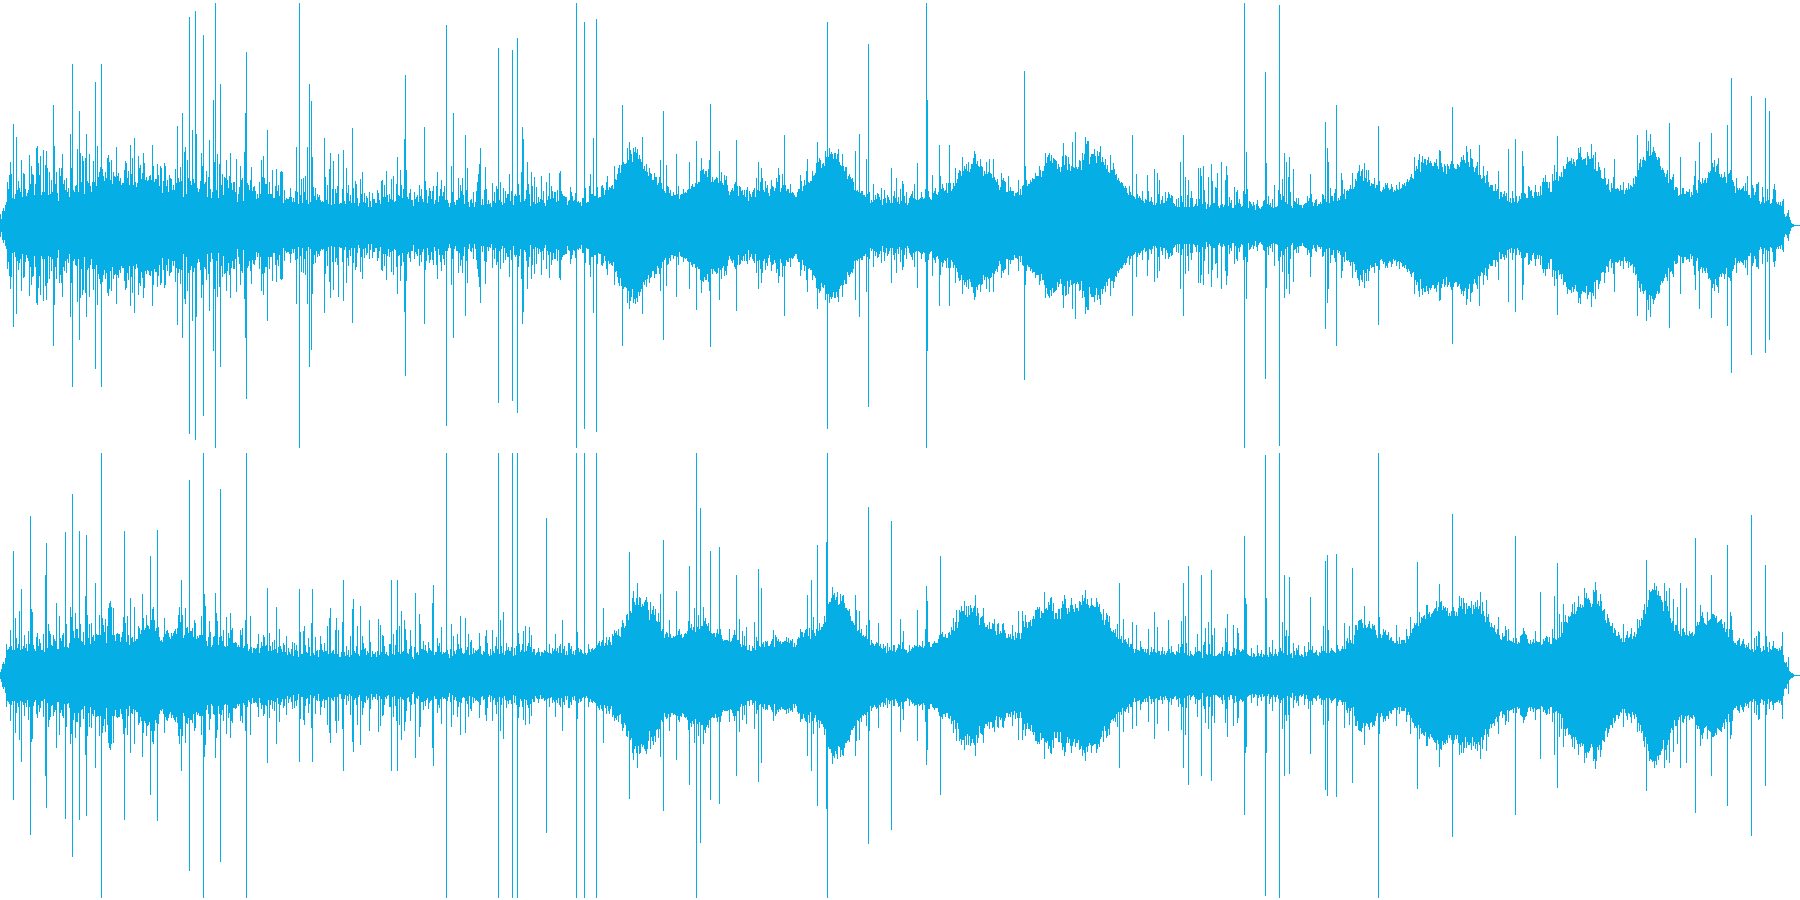 【生録音】雨の街の環境音 1 の再生済みの波形